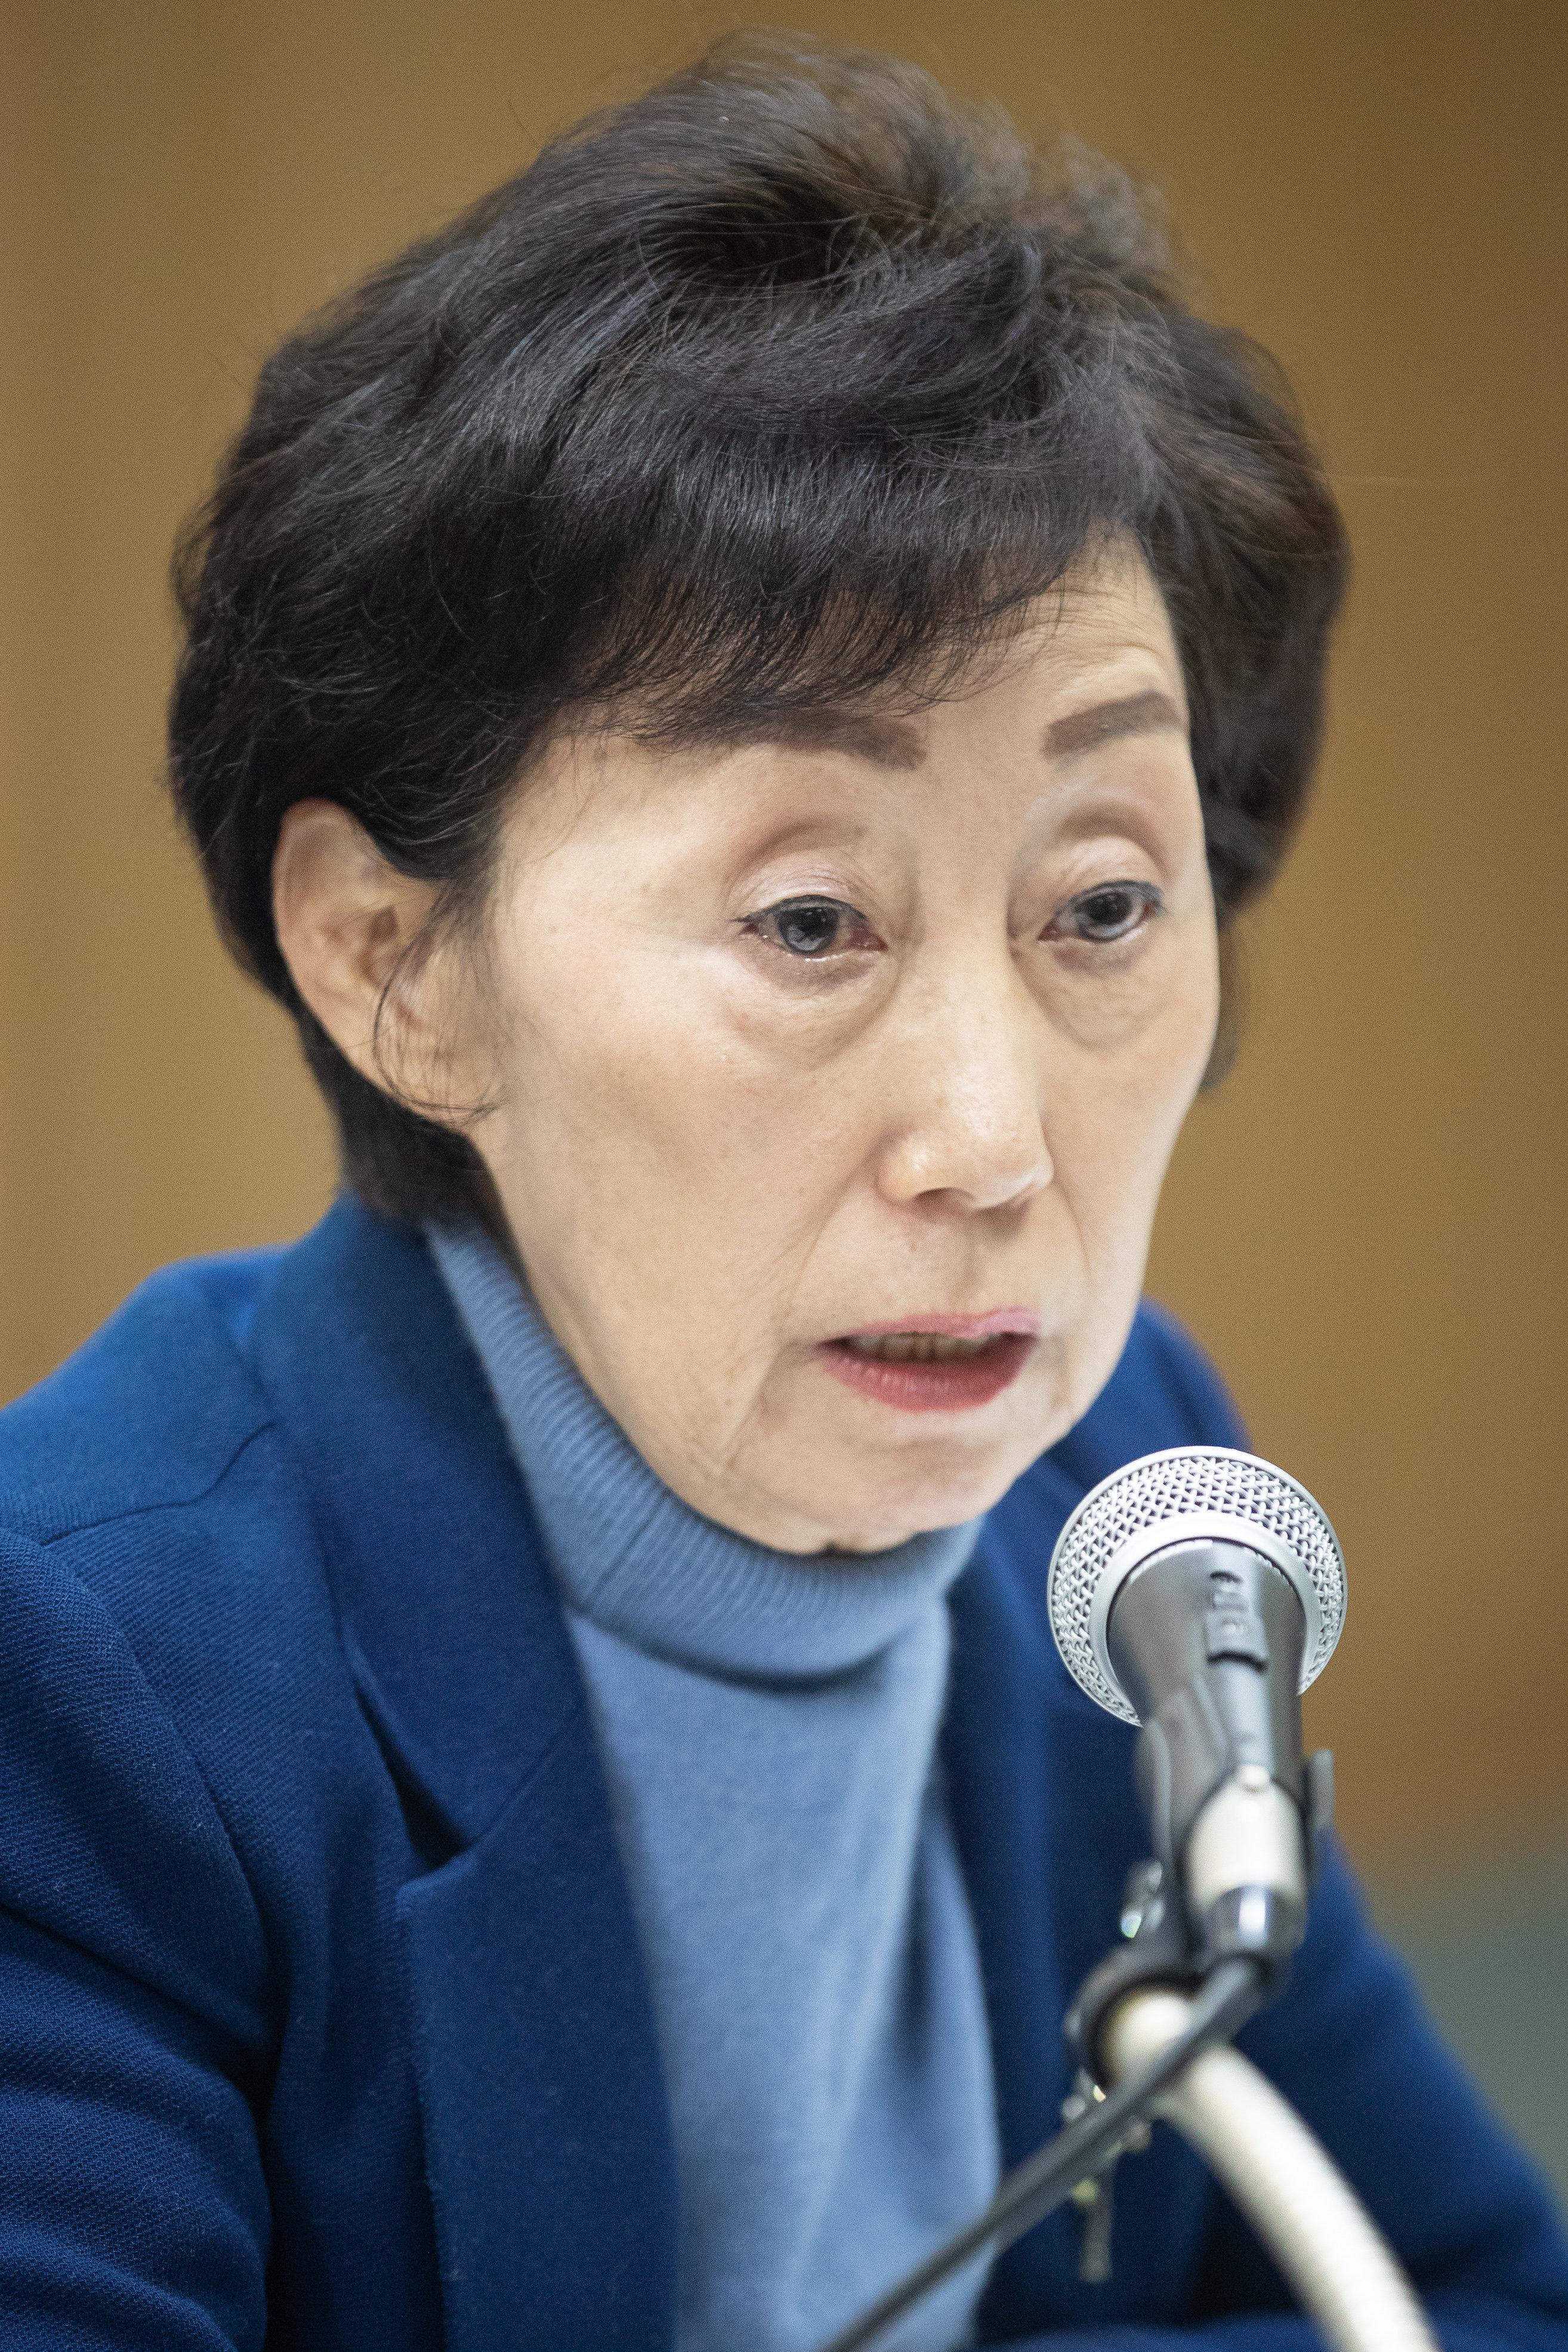 최영애 인권위원장이 '세계 인종차별 철폐의 날' 성명을